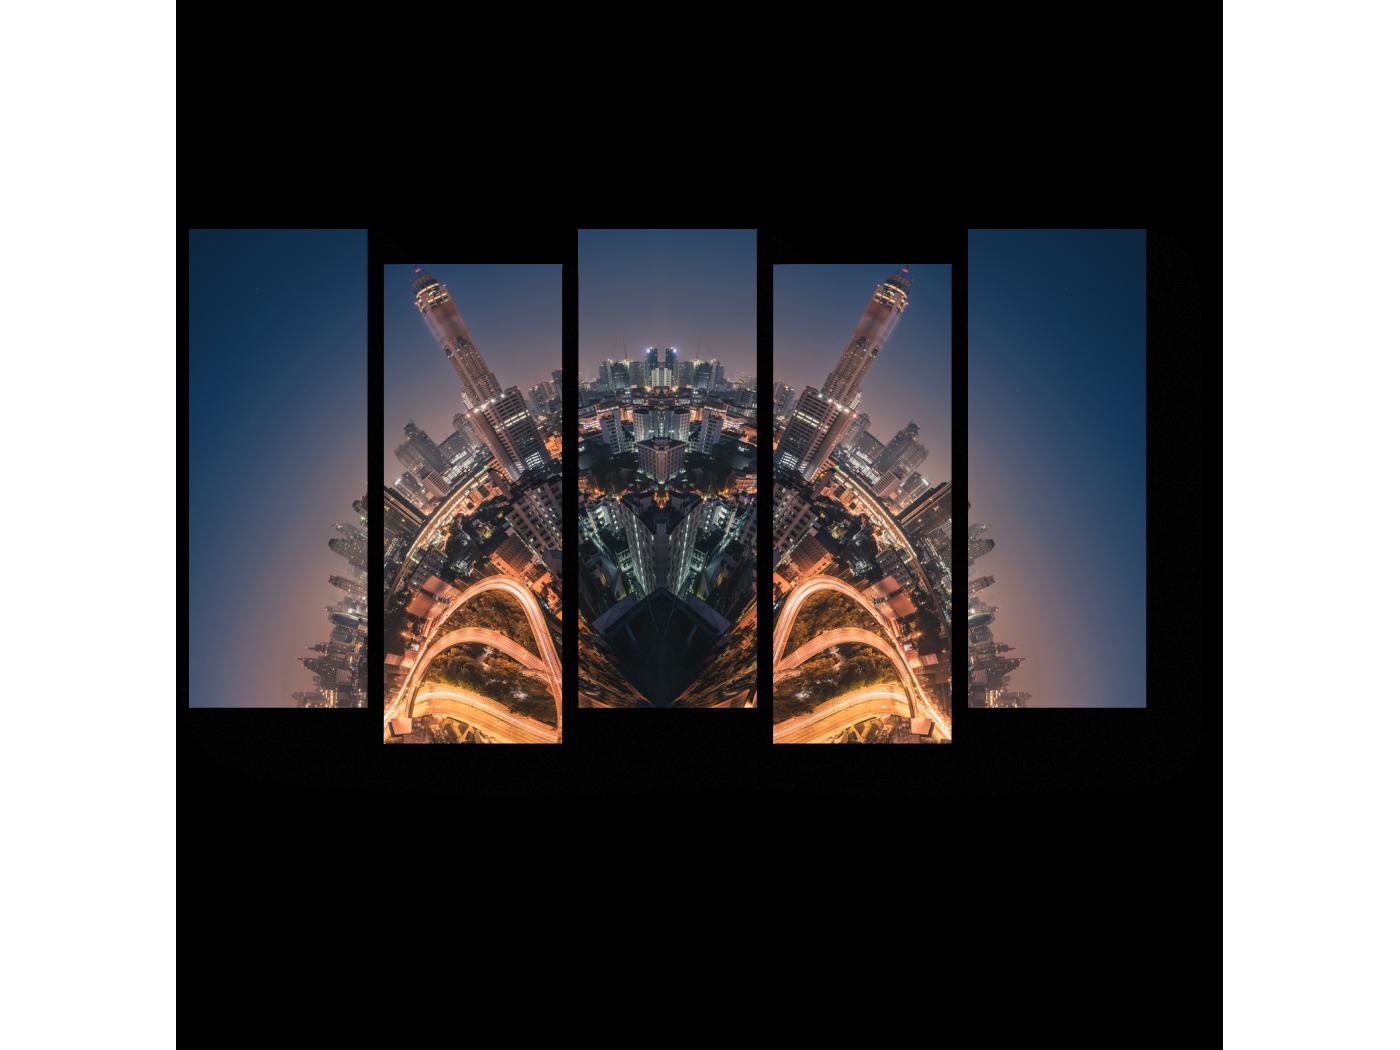 Модульная картина Маленькая планета Бангкок (90x52) фото